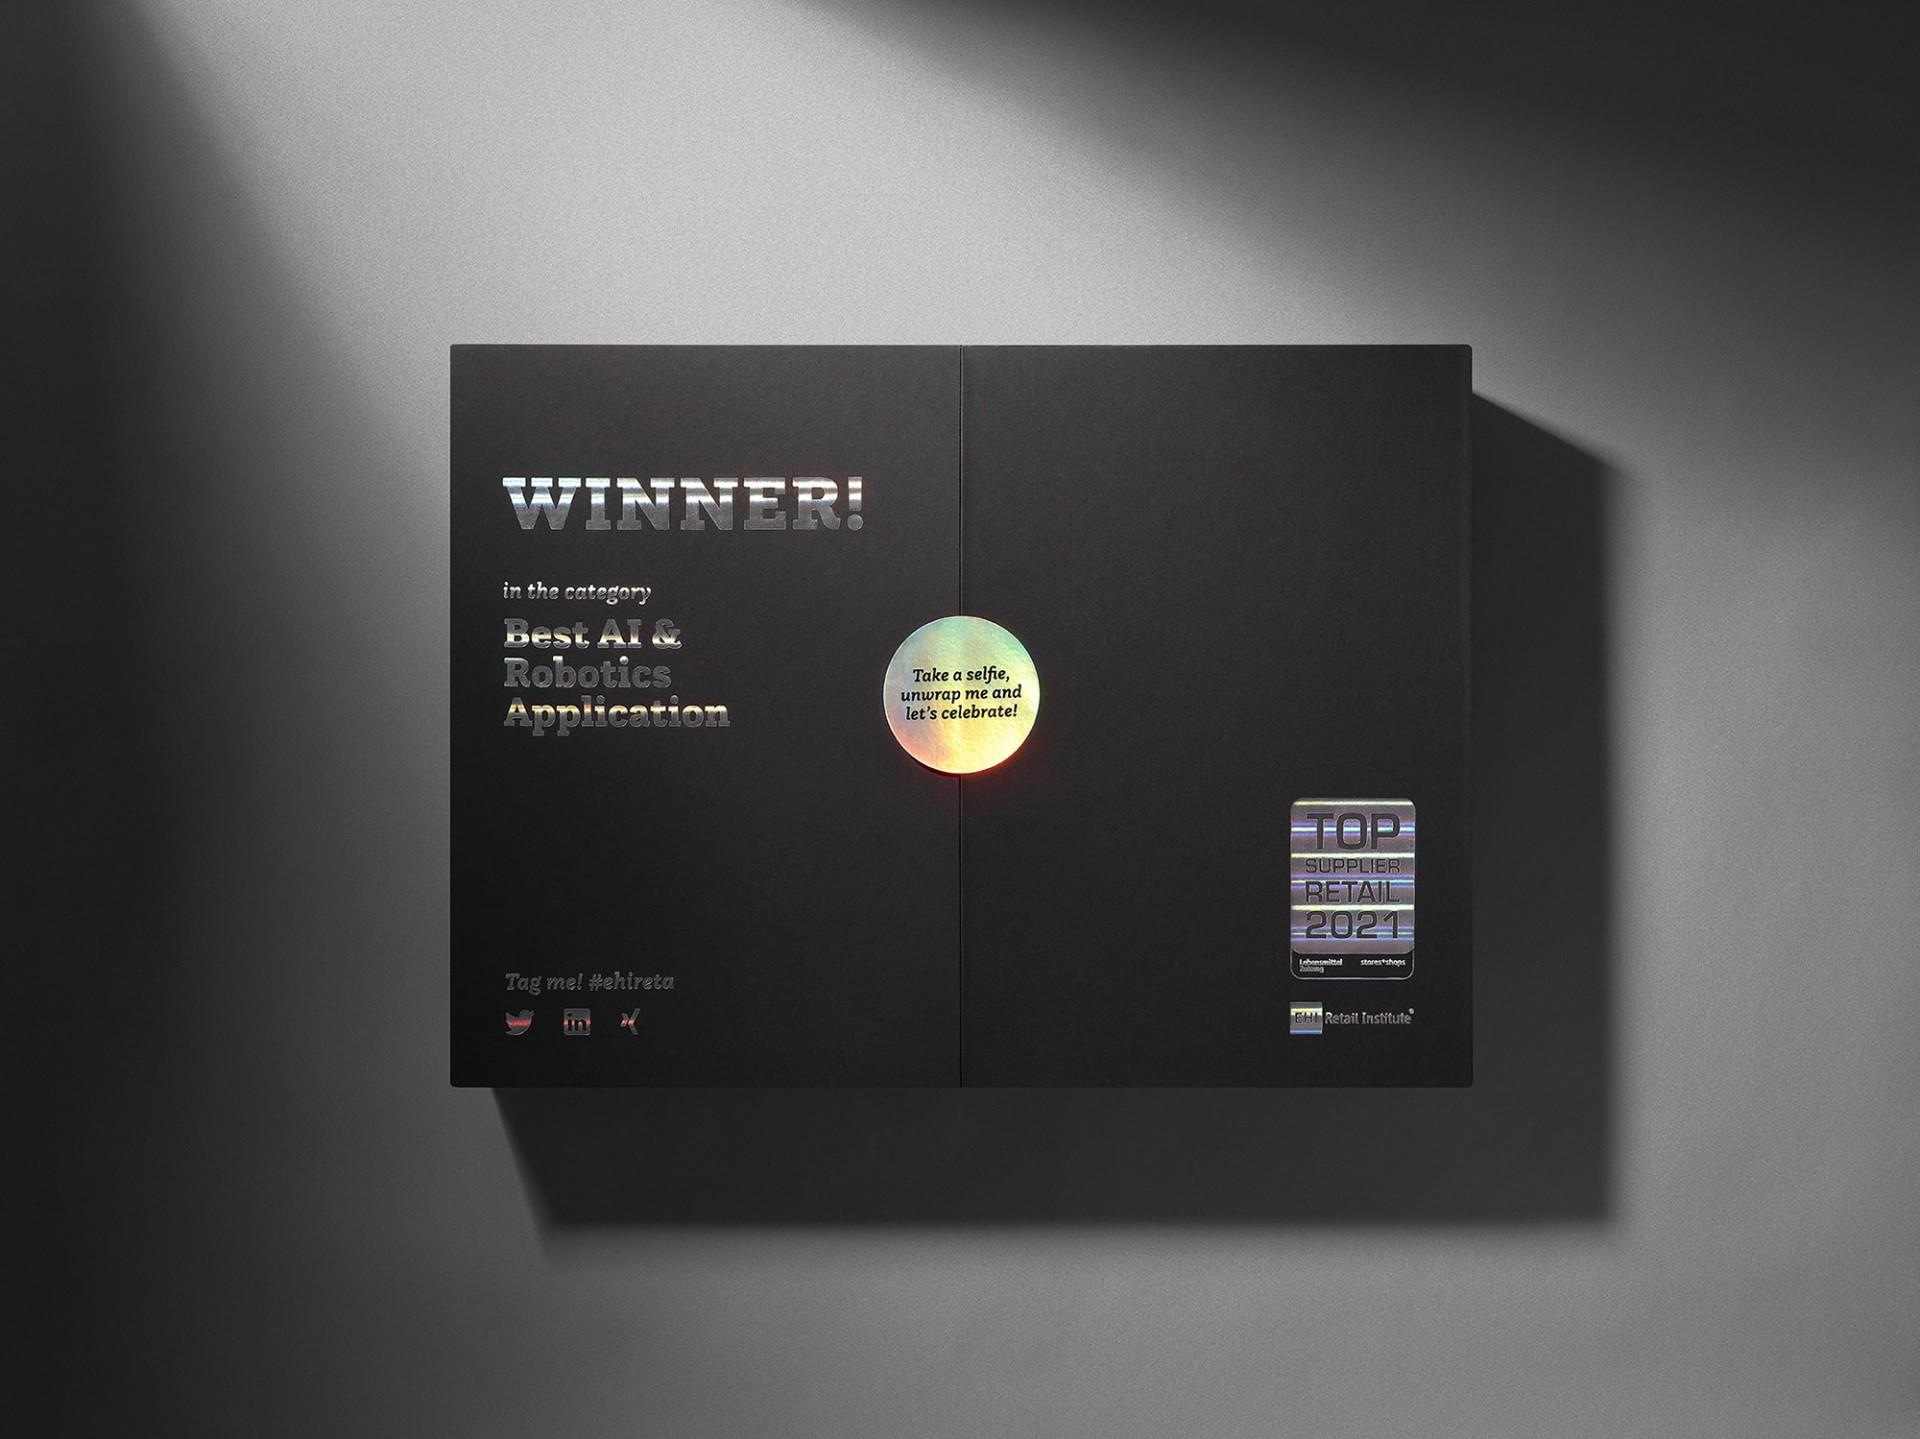 Büro Hyngar reta europe Gewinnerbox für das EHI Retail Institute